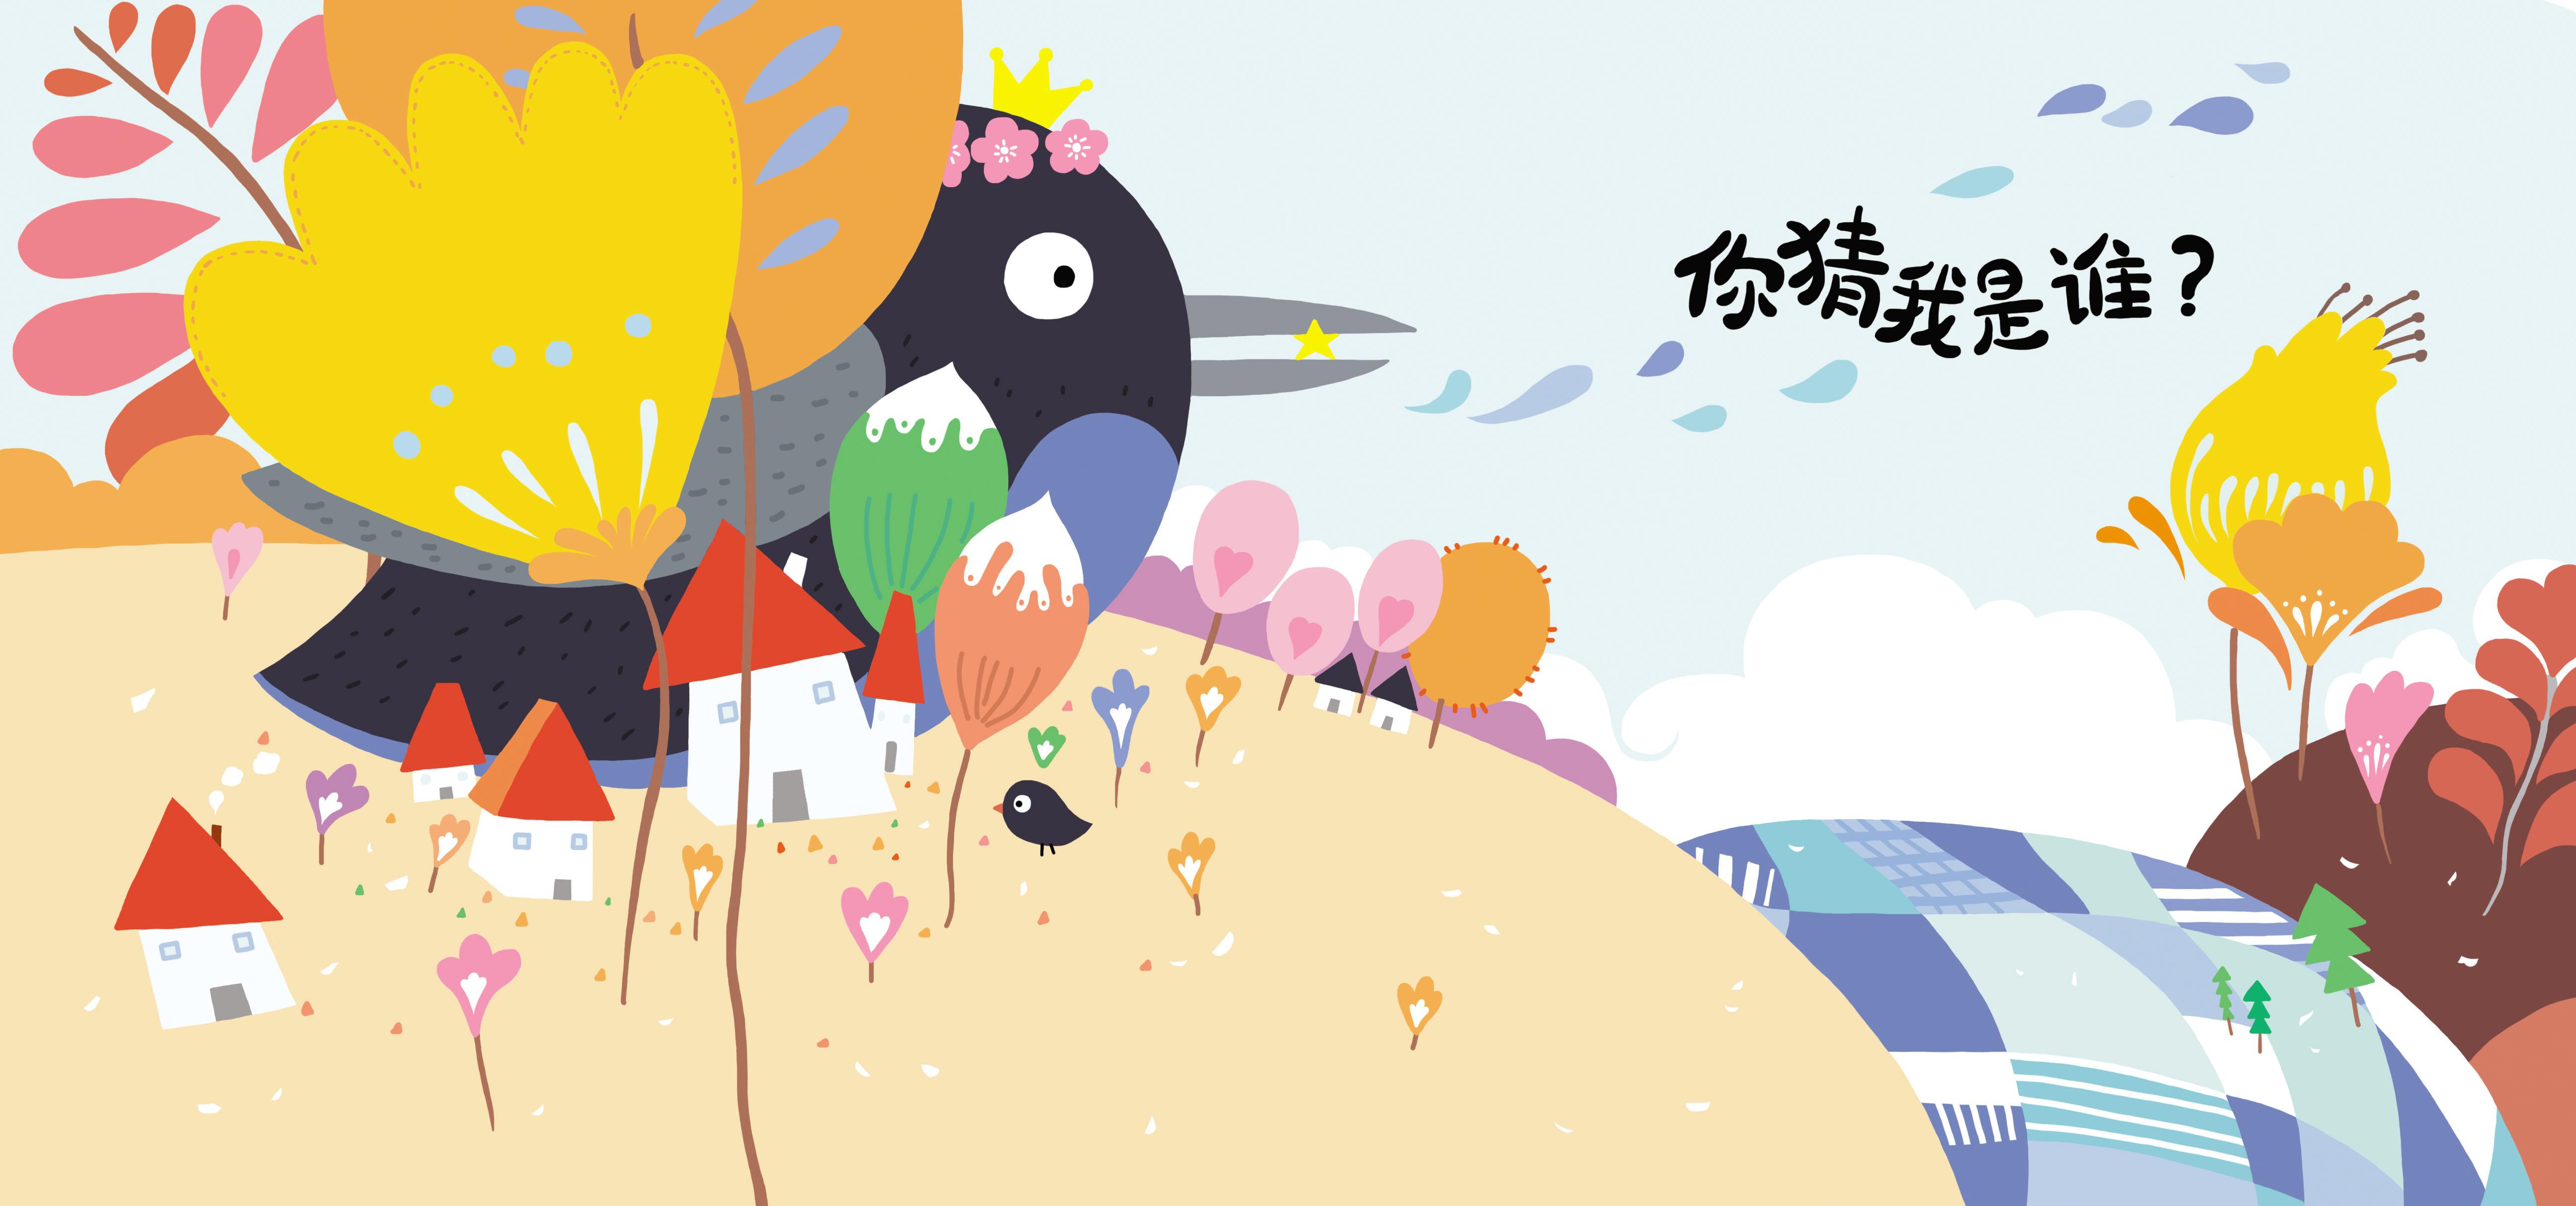 《小动物的聚会》